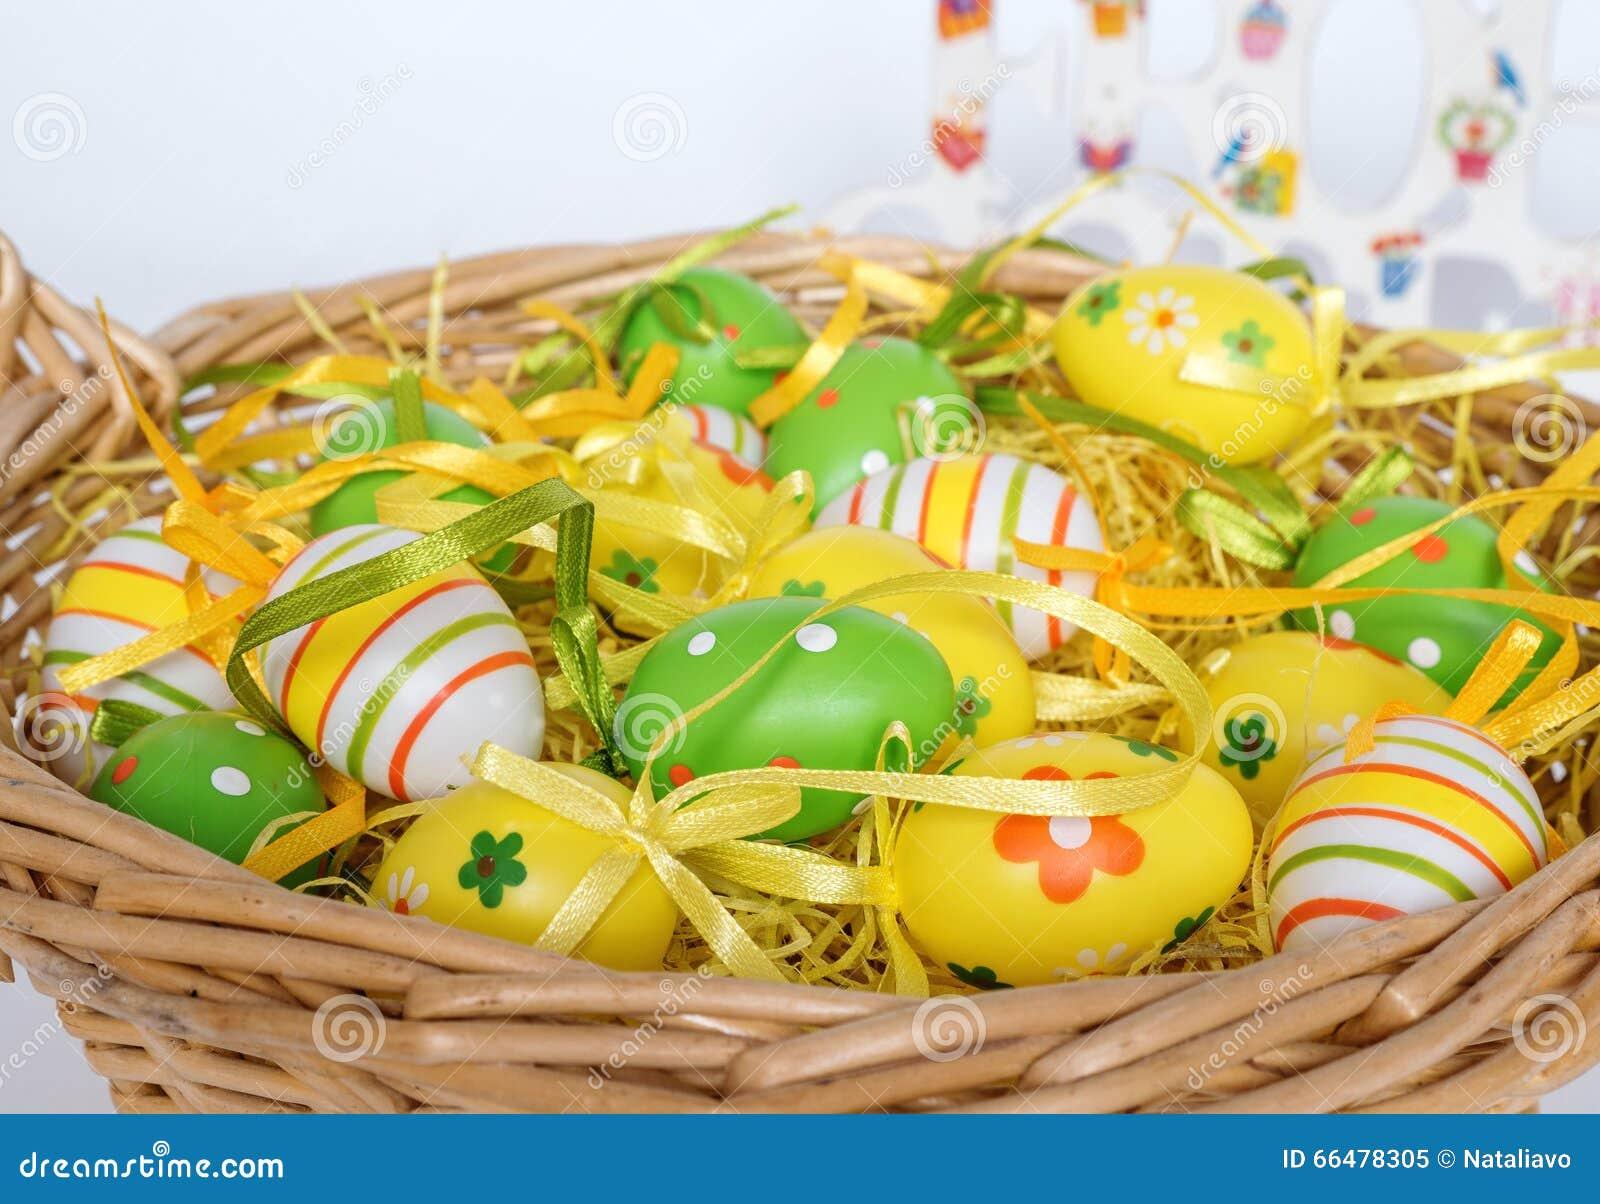 Uova dipinte decorate per pasqua con la merce nel carrello - Uova di pasqua decorate per bambini ...